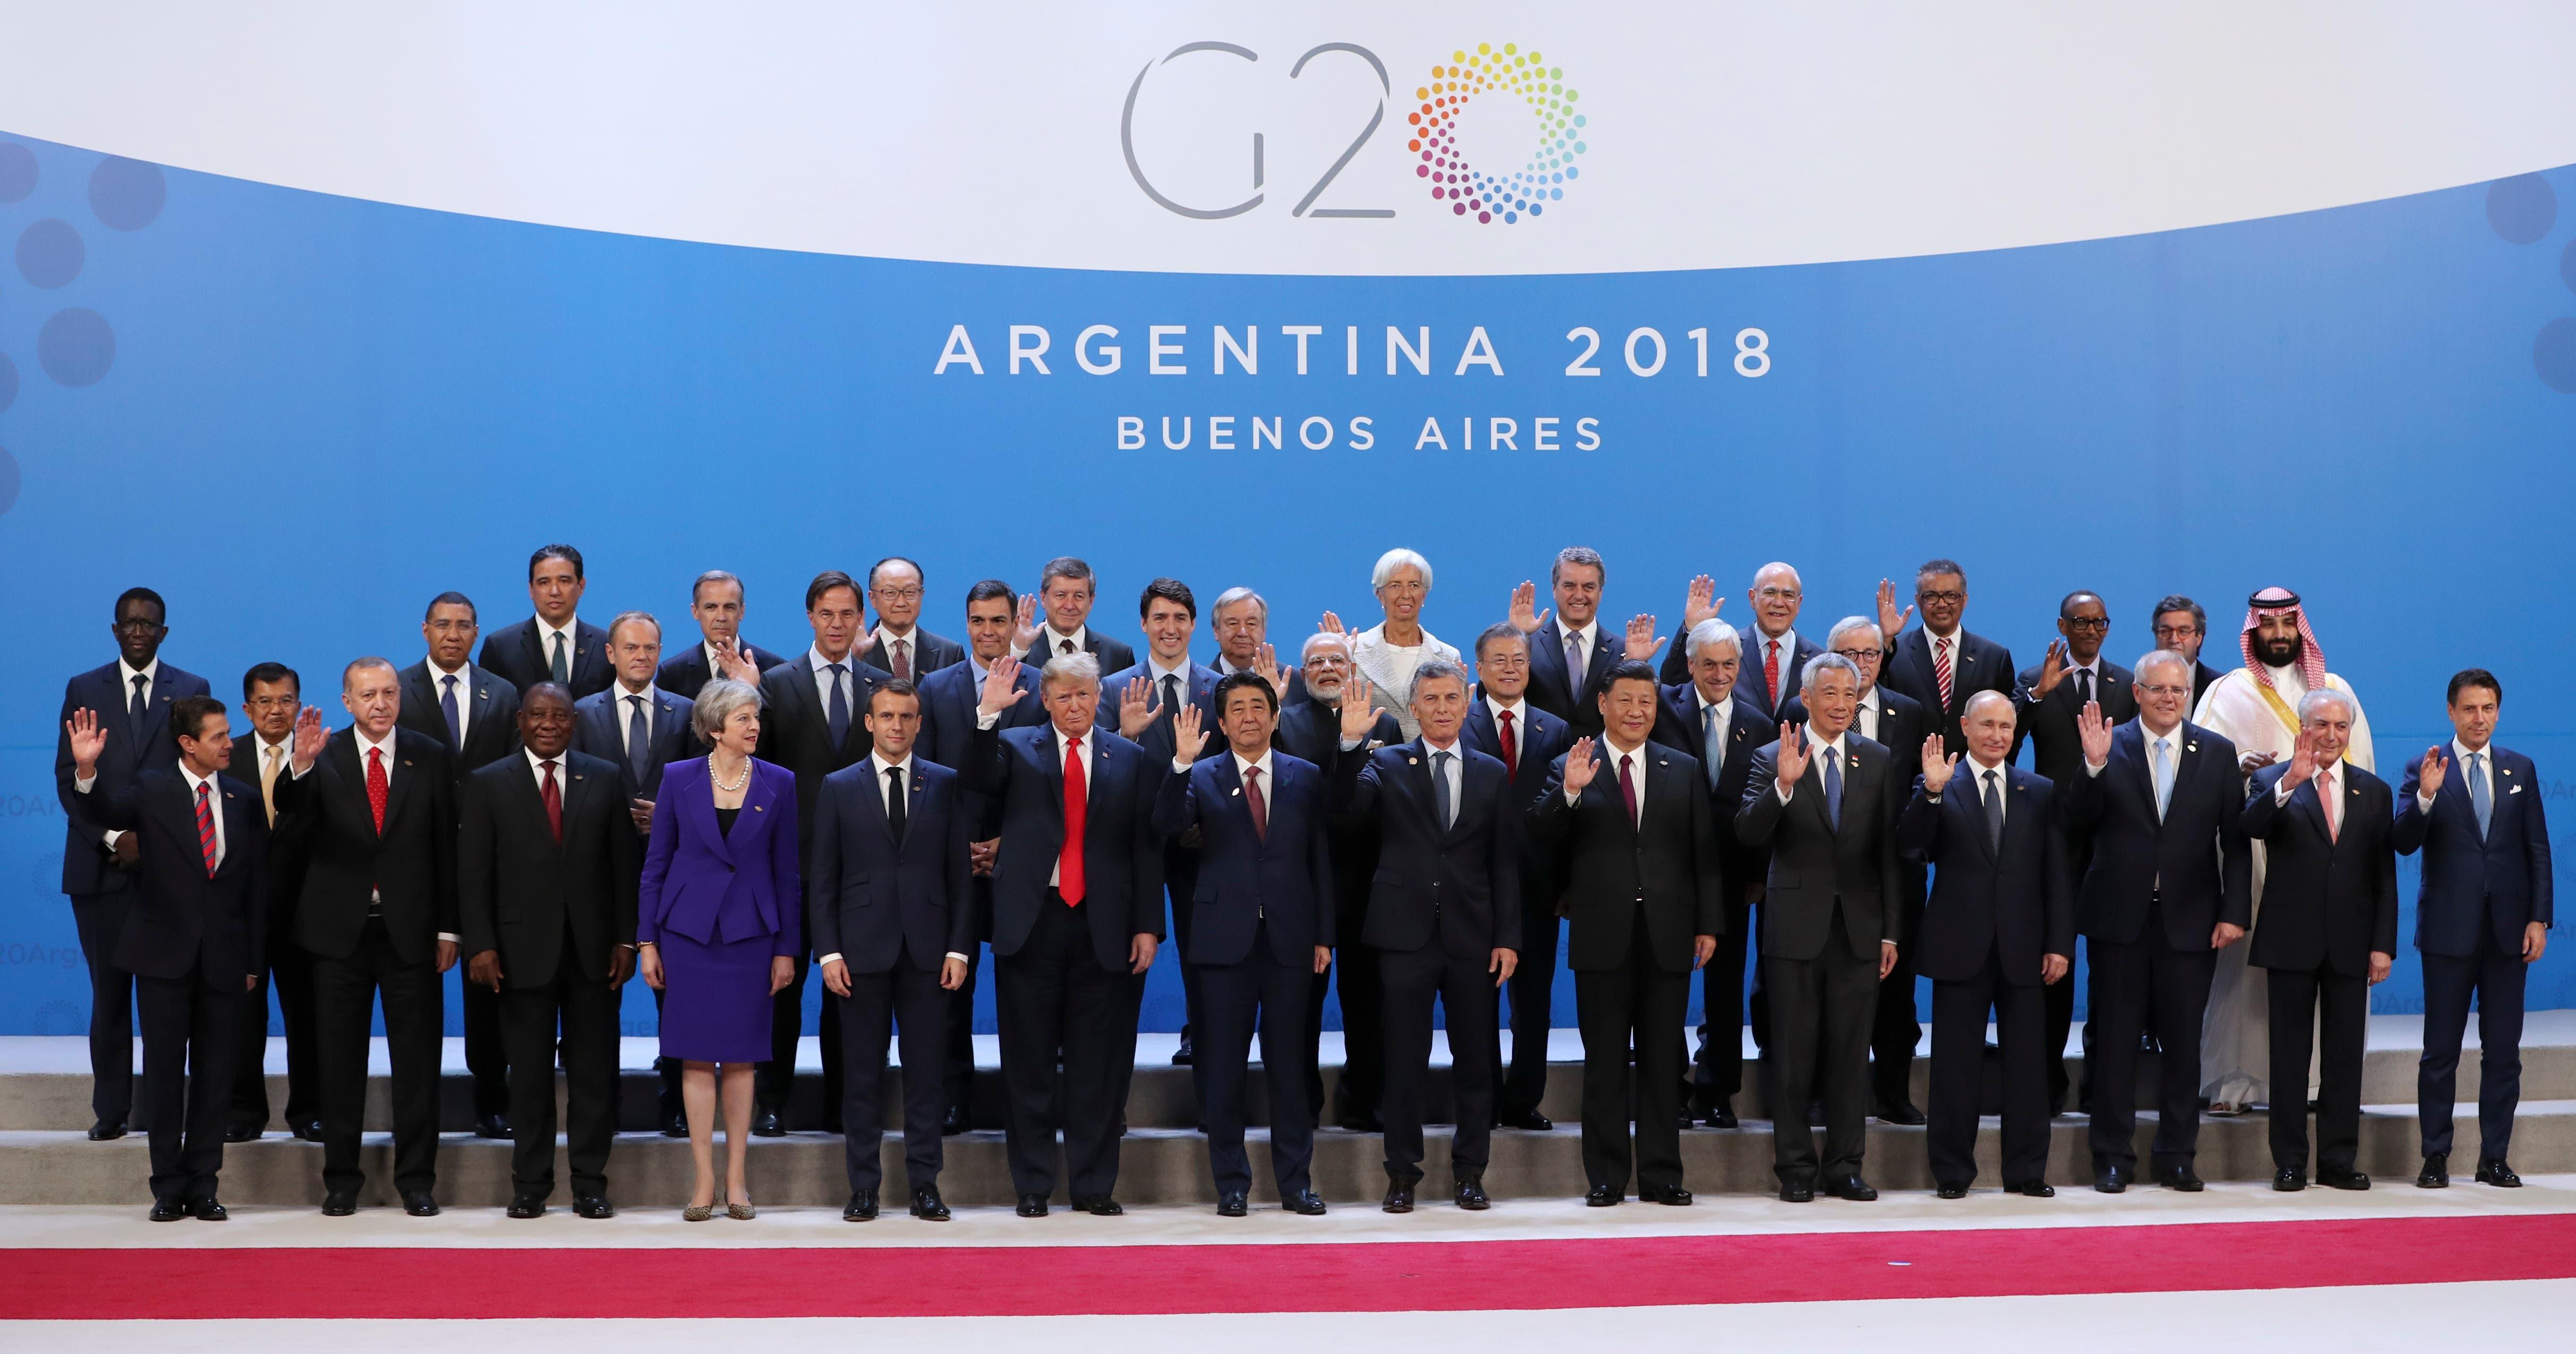 Los líderes que asisten a la Cumbre del G20 posan para la foto de familia en el Centro Costa Salguero en Buenos Aires, Argentina. (AP Foto / Ricardo Mazalan)